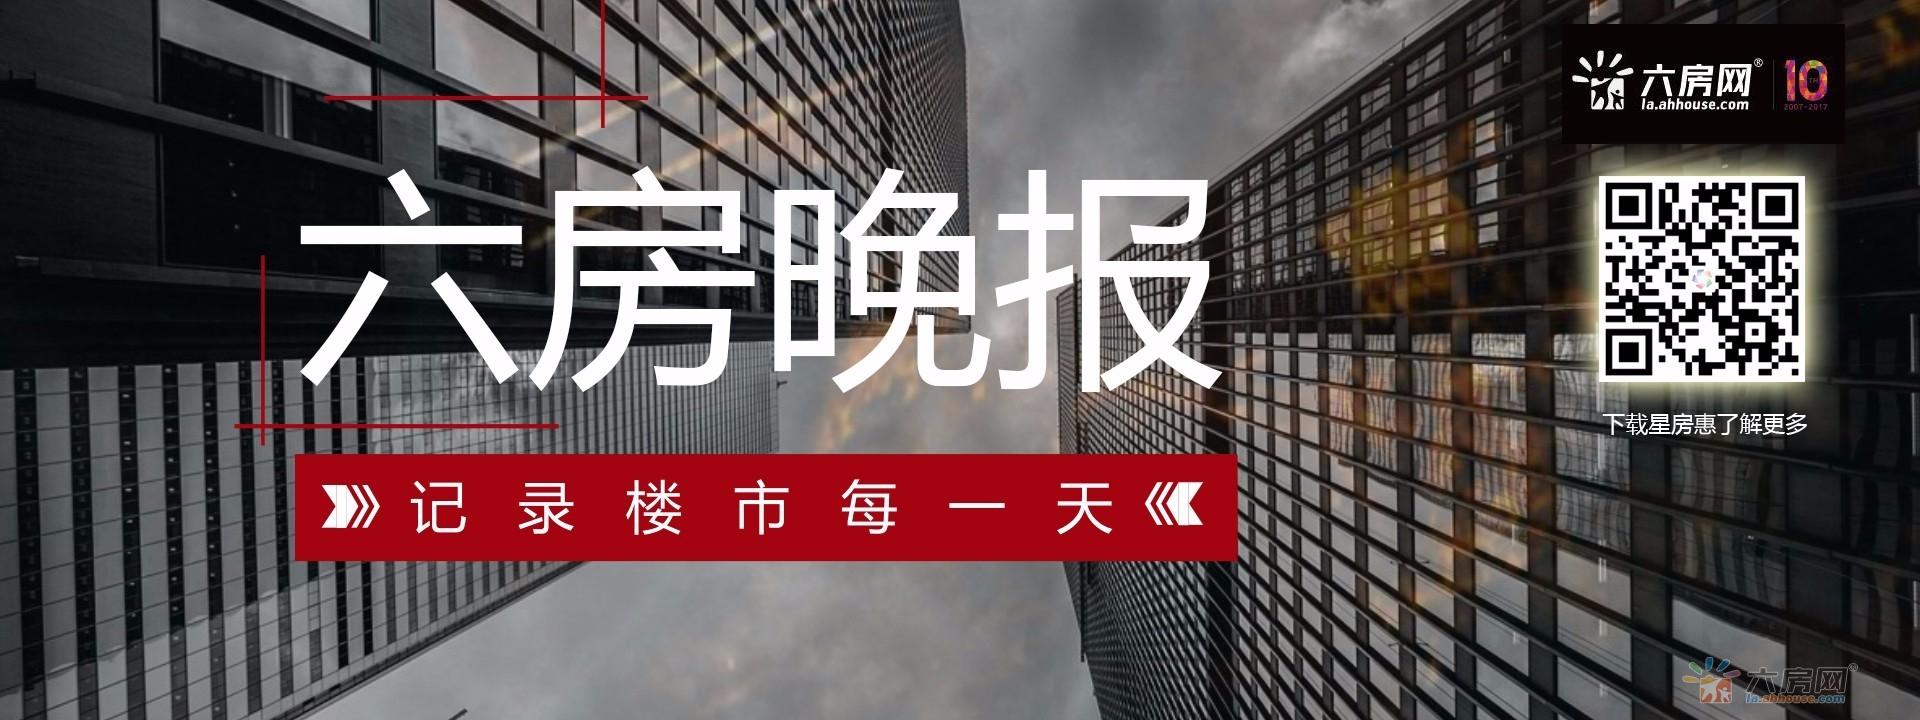 4月17日六房网晚报:嘉泰·丹霞公馆21#瞰景高层应市加推